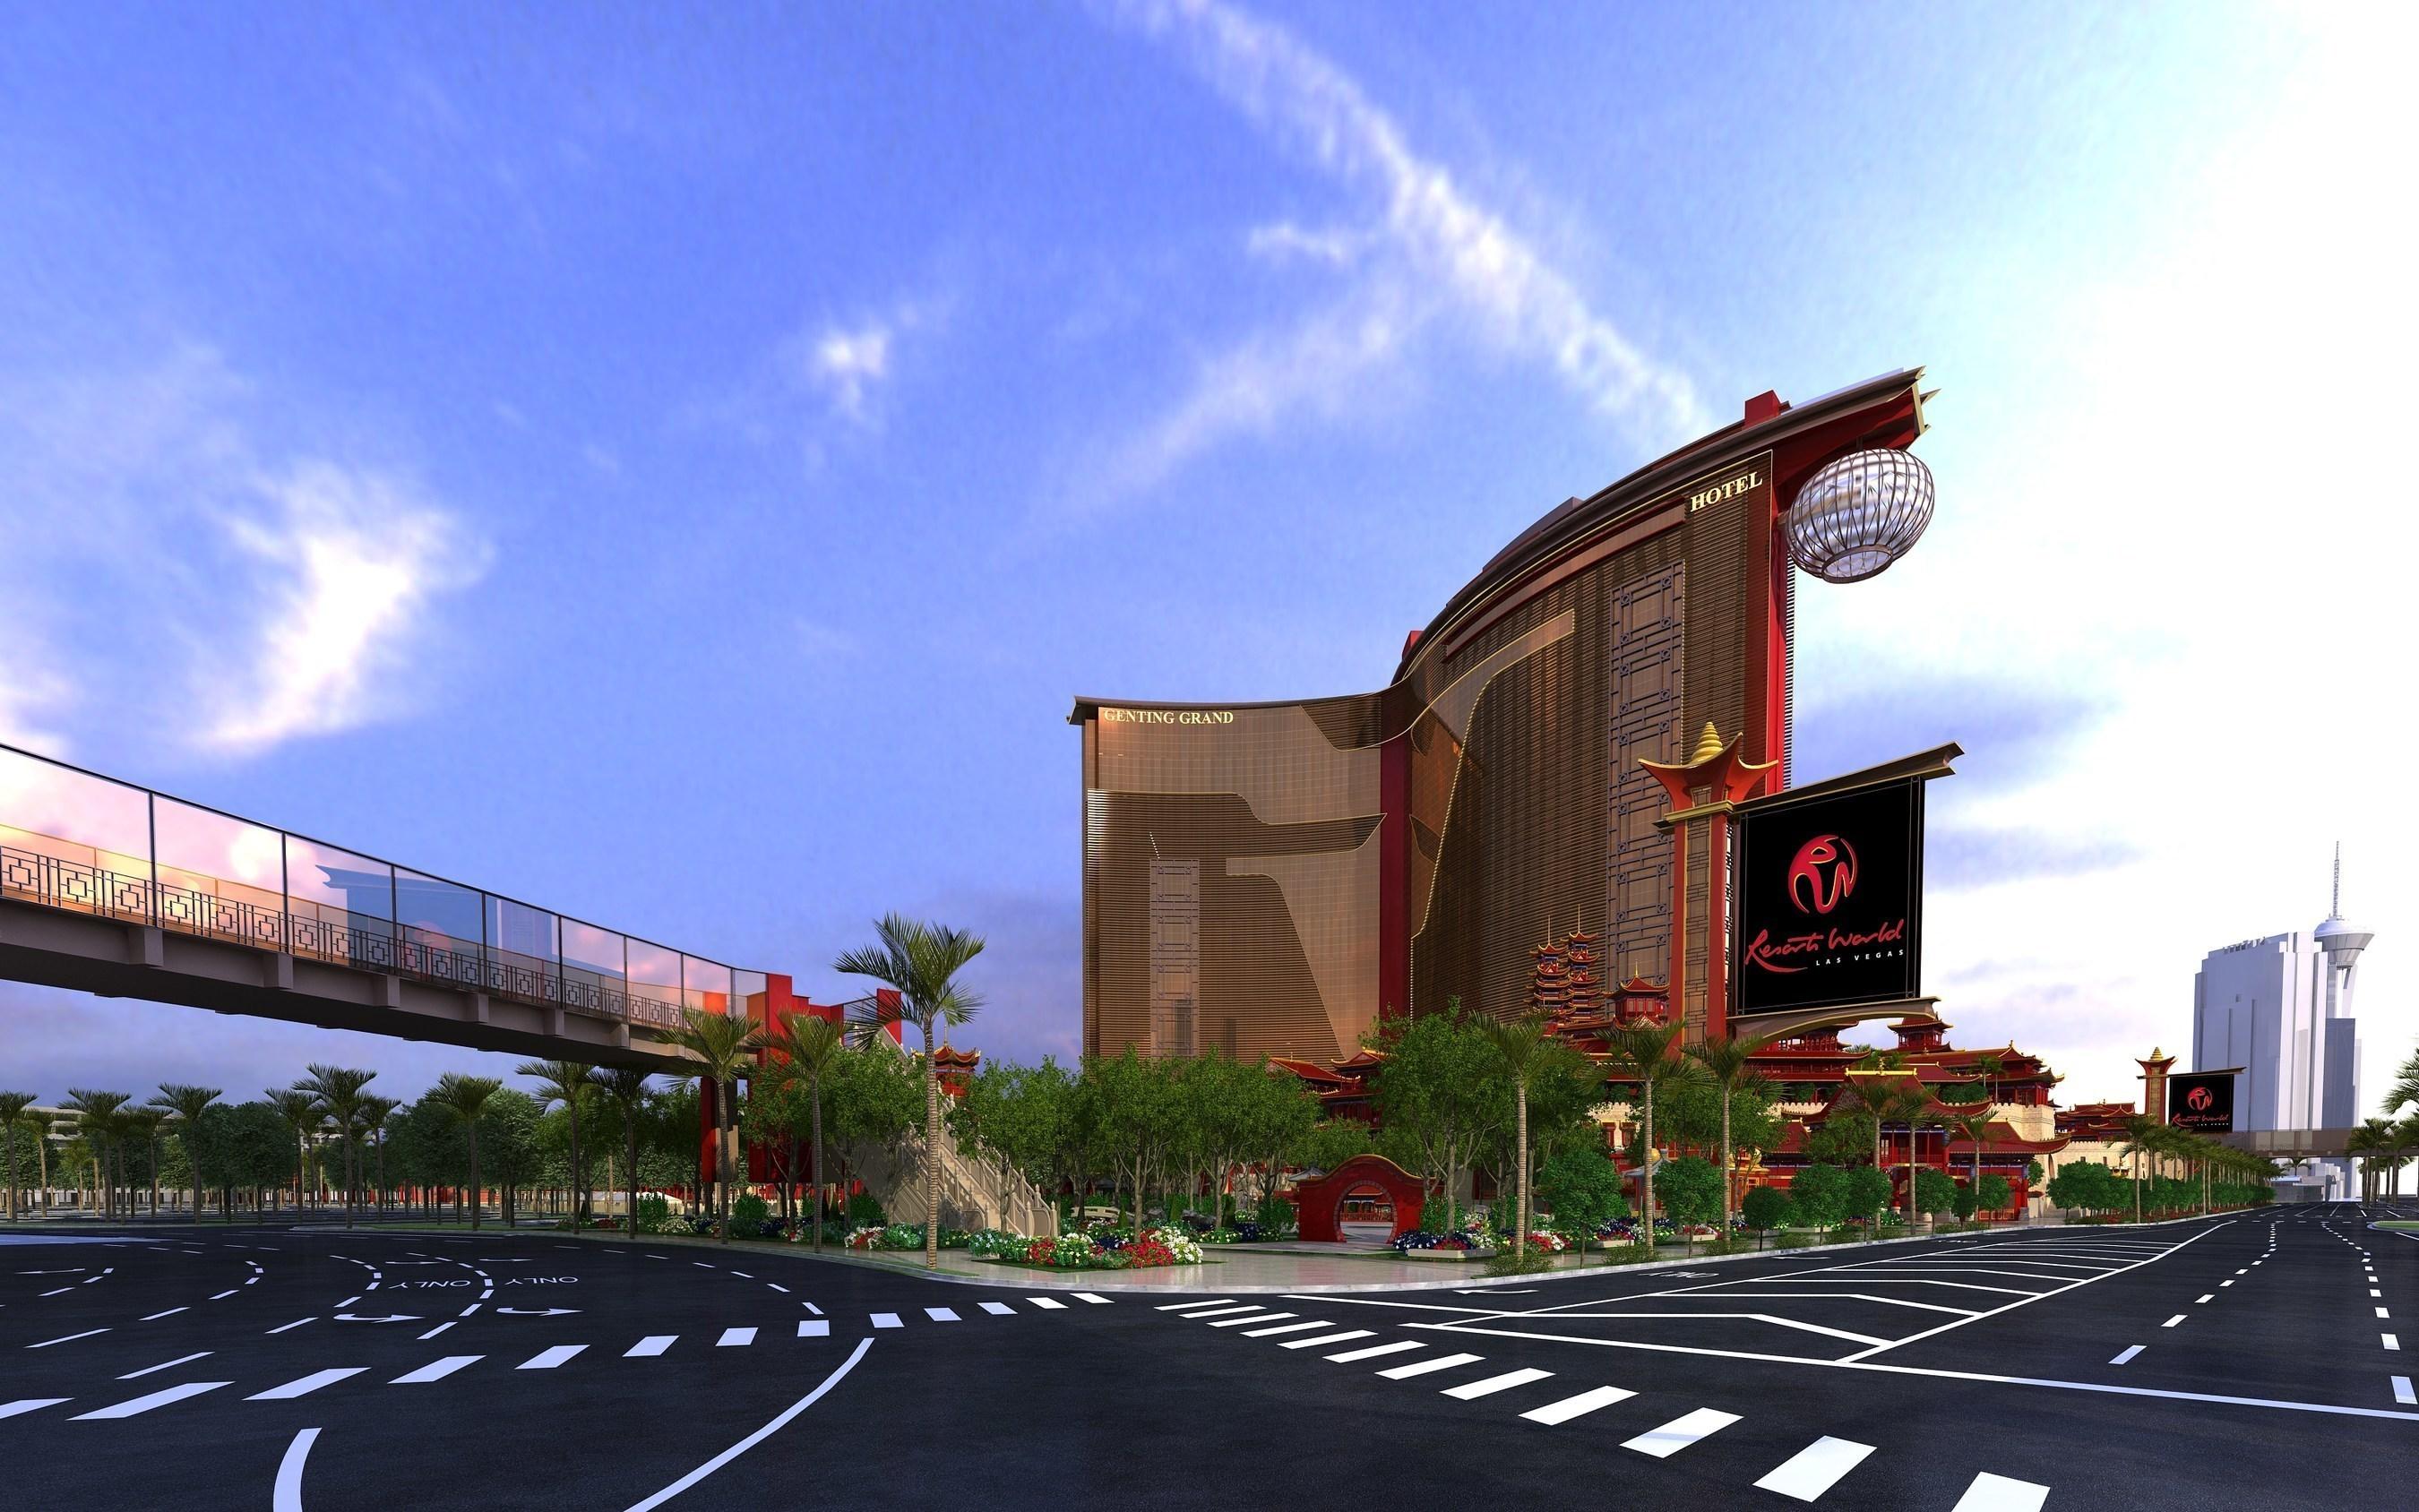 Spatenstich der Genting Group für Resorts World Las Vegas